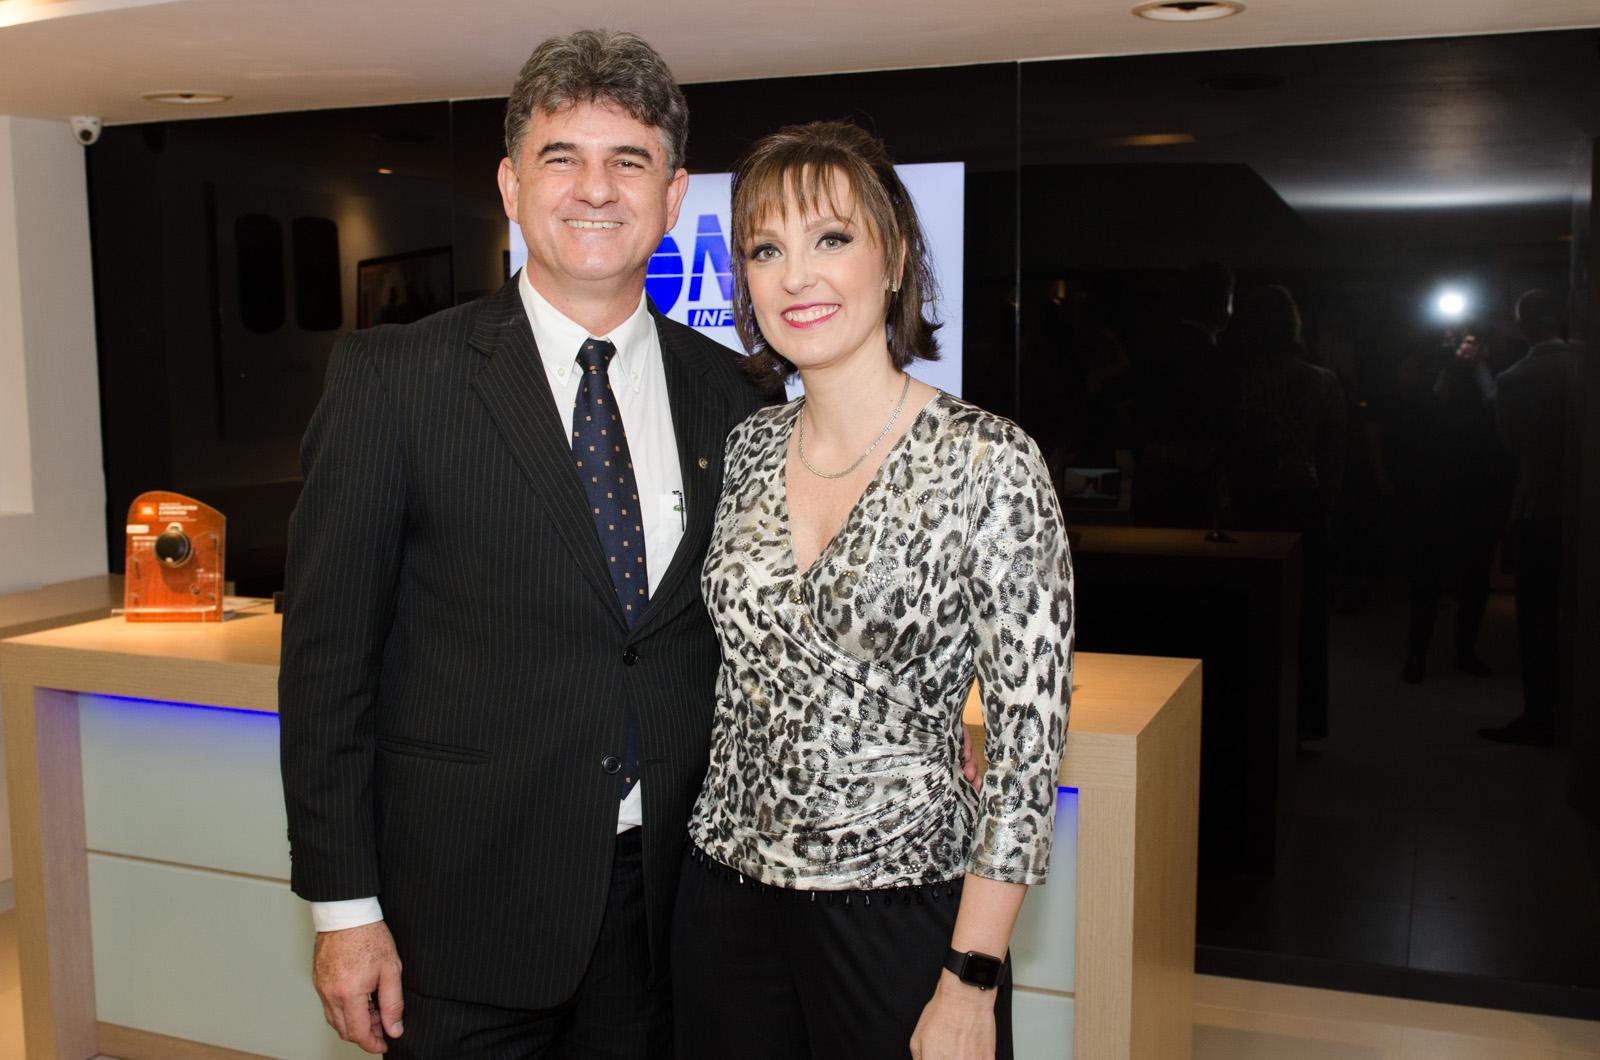 Os anfitriões Deodato Mansur e Virginia Giraldi da OMNI Informática